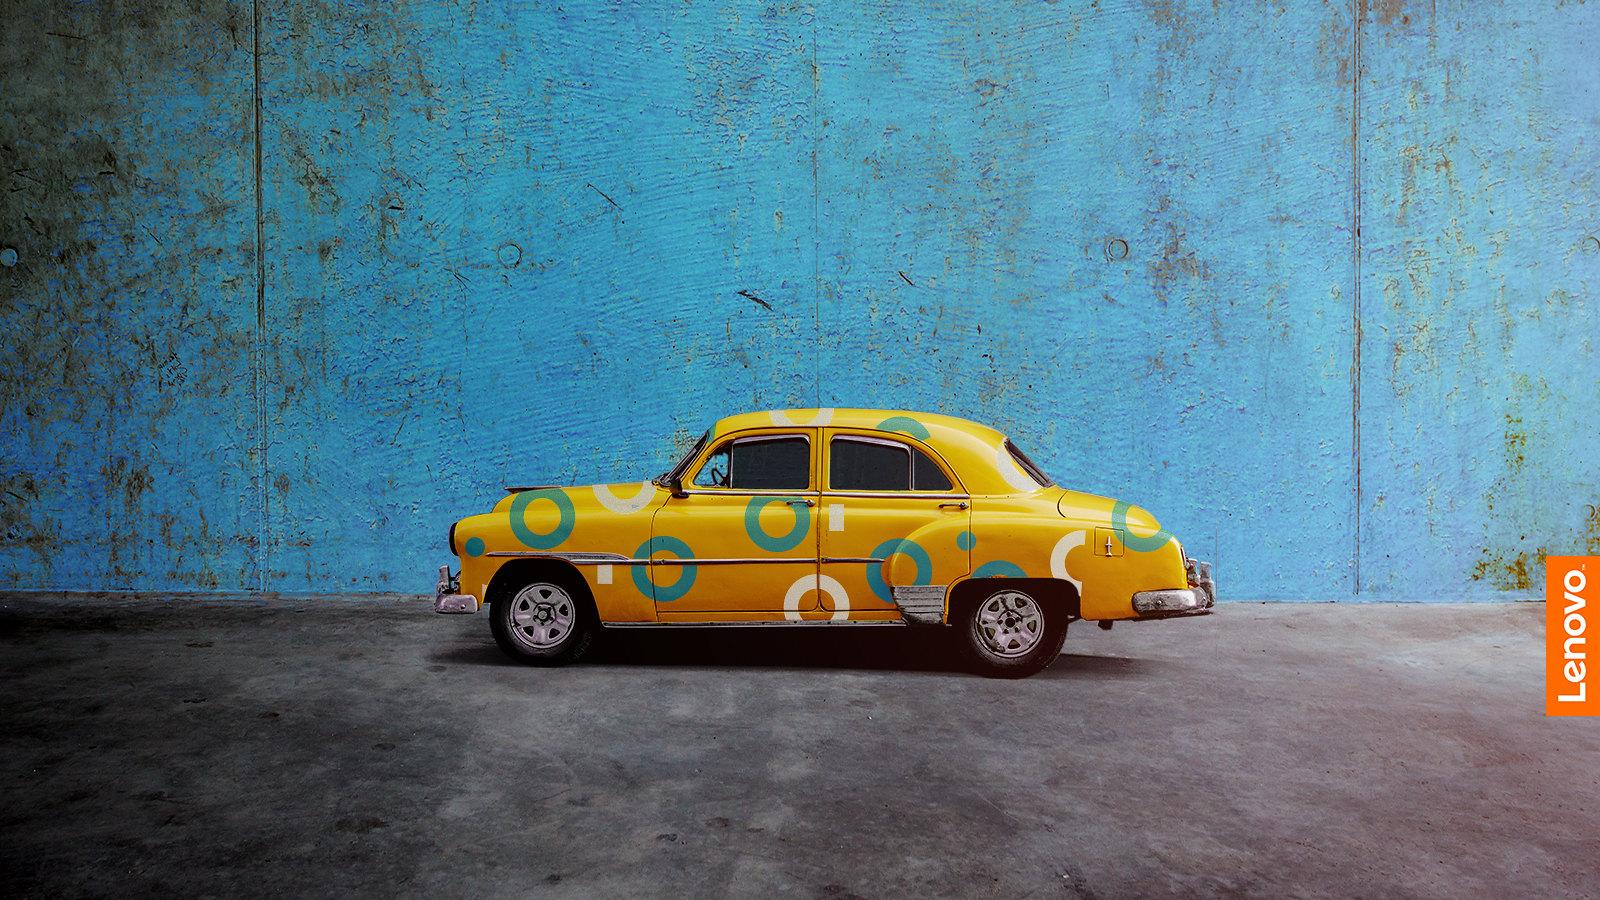 Car Wallpaper Lenovo Yellow Car Wallpaper